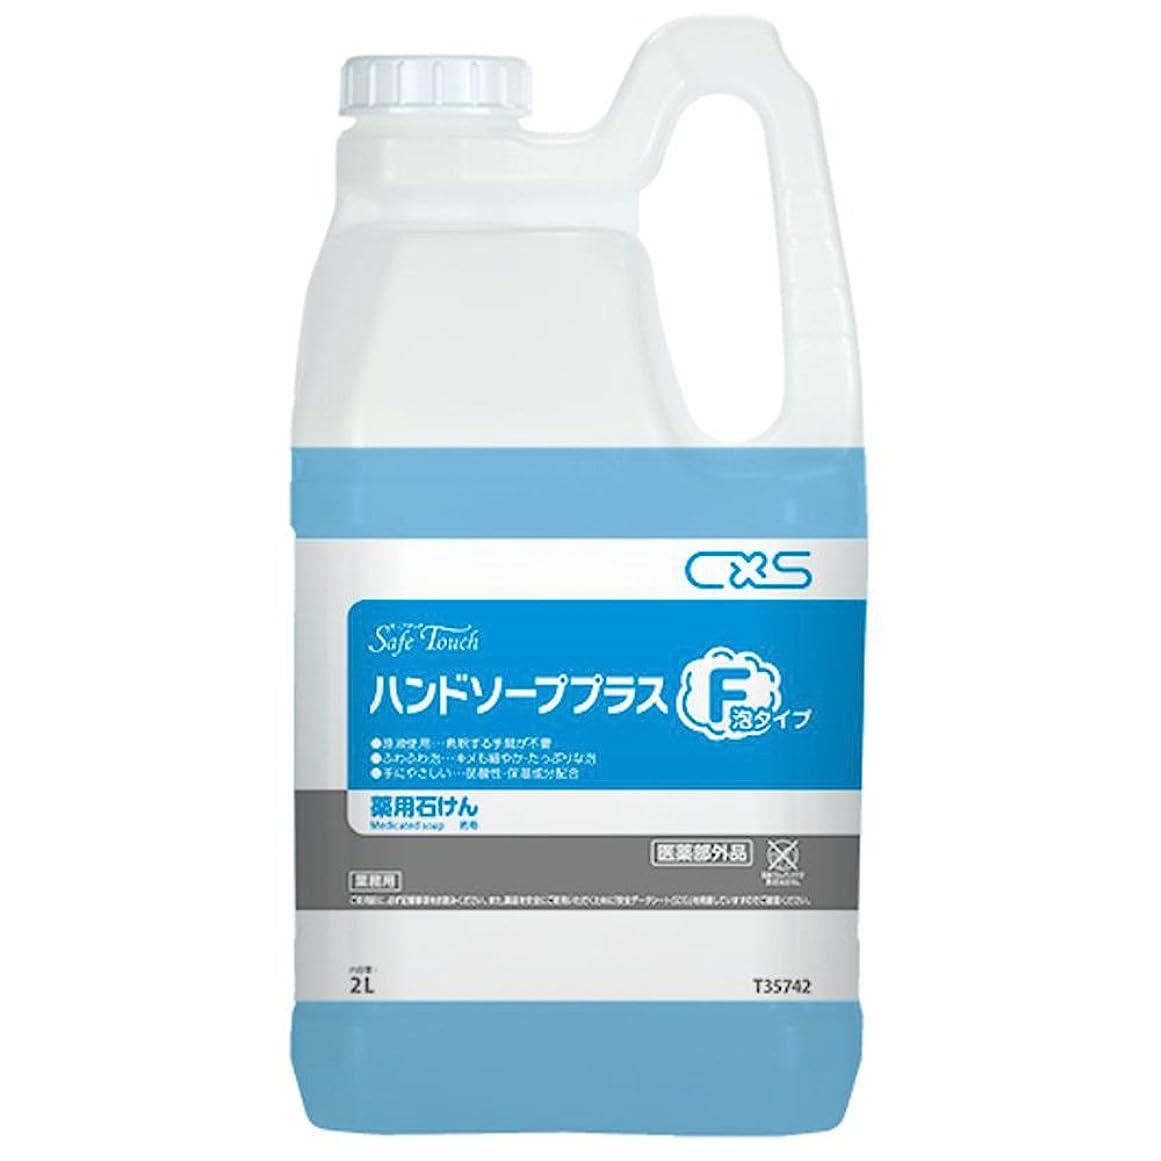 人に関する限り有名人ディレクトリシーバイエス(C×S) 殺菌?消毒用手洗い石けん セーフタッチハンドソーププラスF 2L